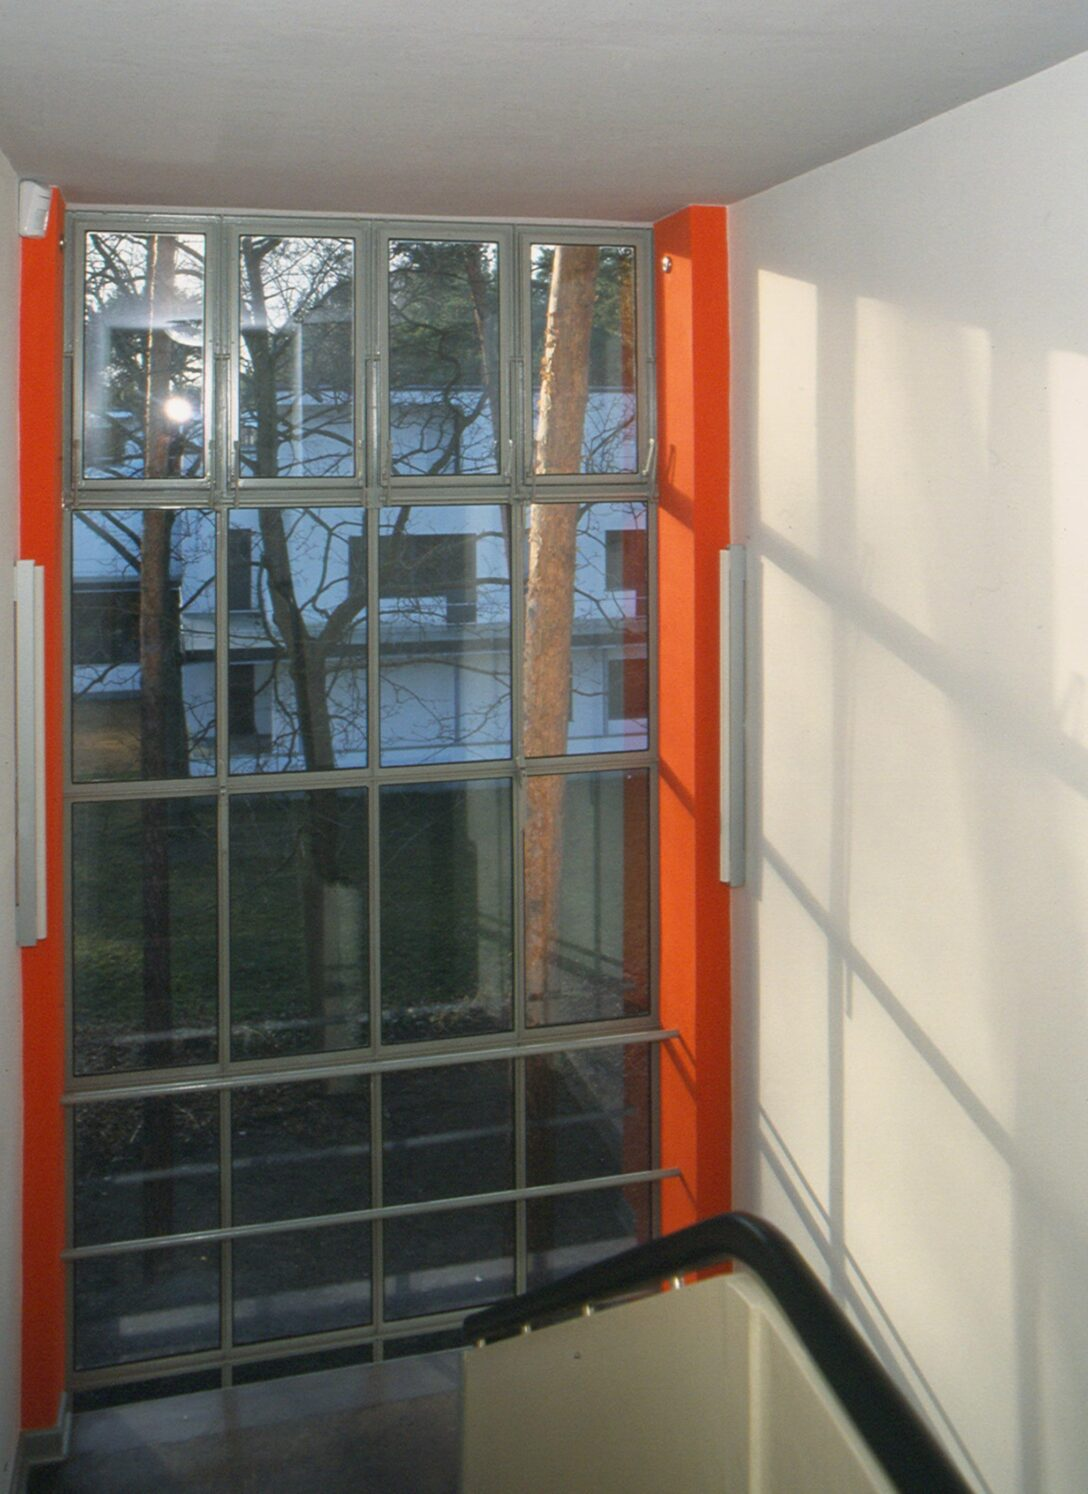 Large Size of Heizkörper Bauhaus Projekt Meisterhaus Muche Schlemmercompetitionline Fenster Wohnzimmer Elektroheizkörper Bad Badezimmer Für Wohnzimmer Heizkörper Bauhaus